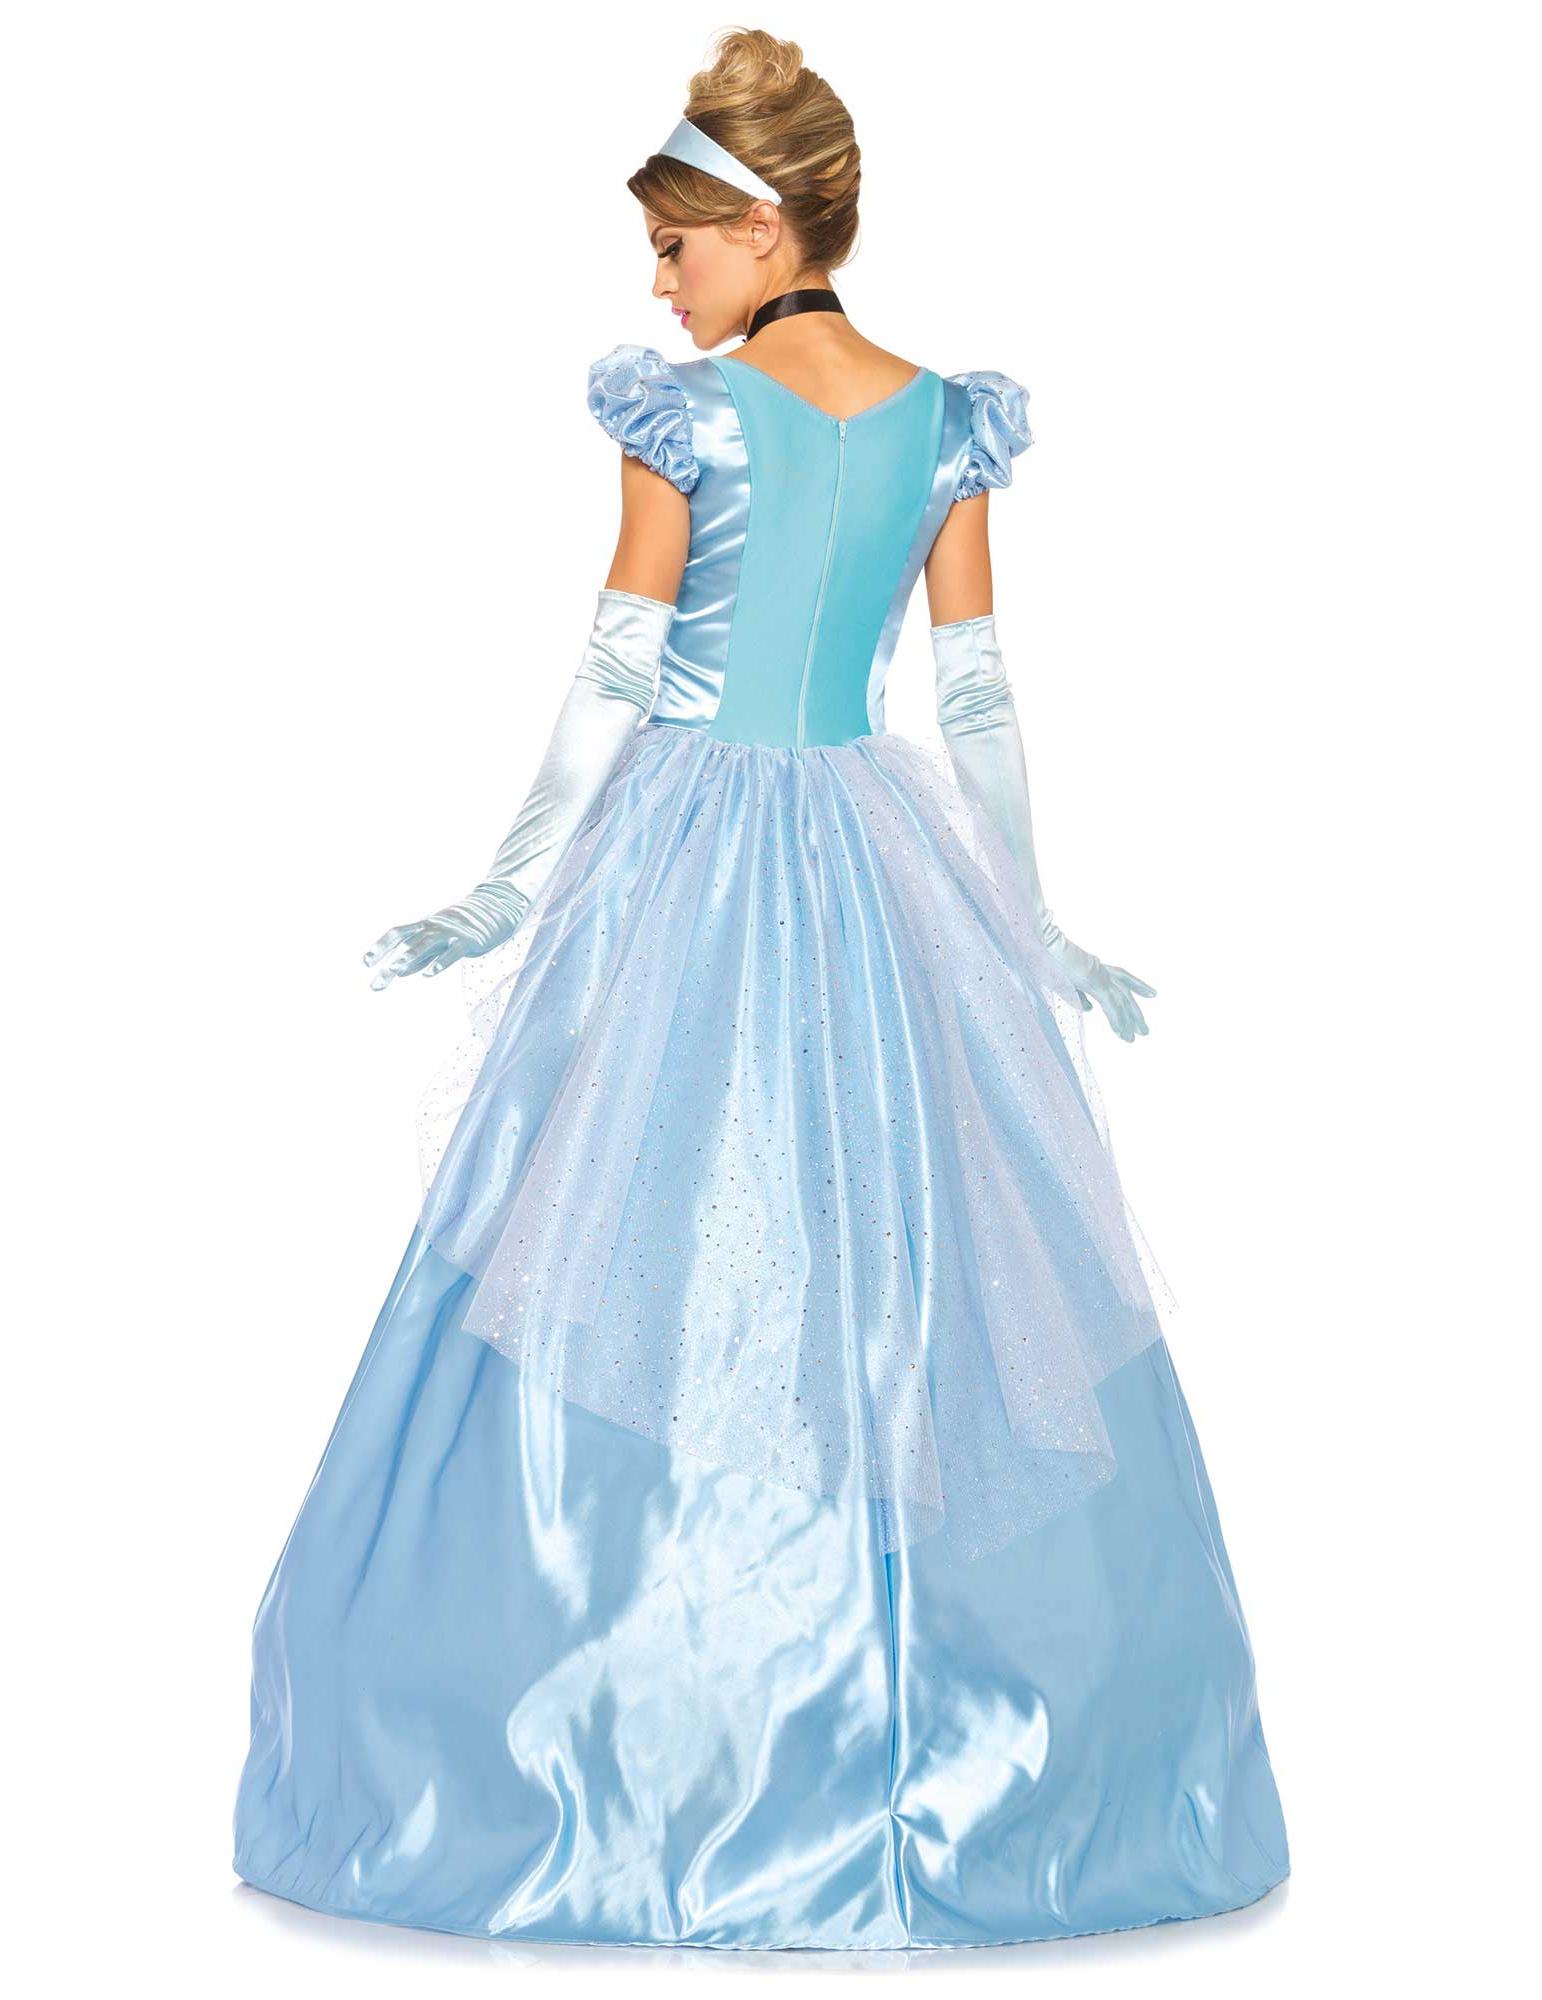 de femme robe toi achat Déguisement Deguise satiné princesse bleu B8TRTq